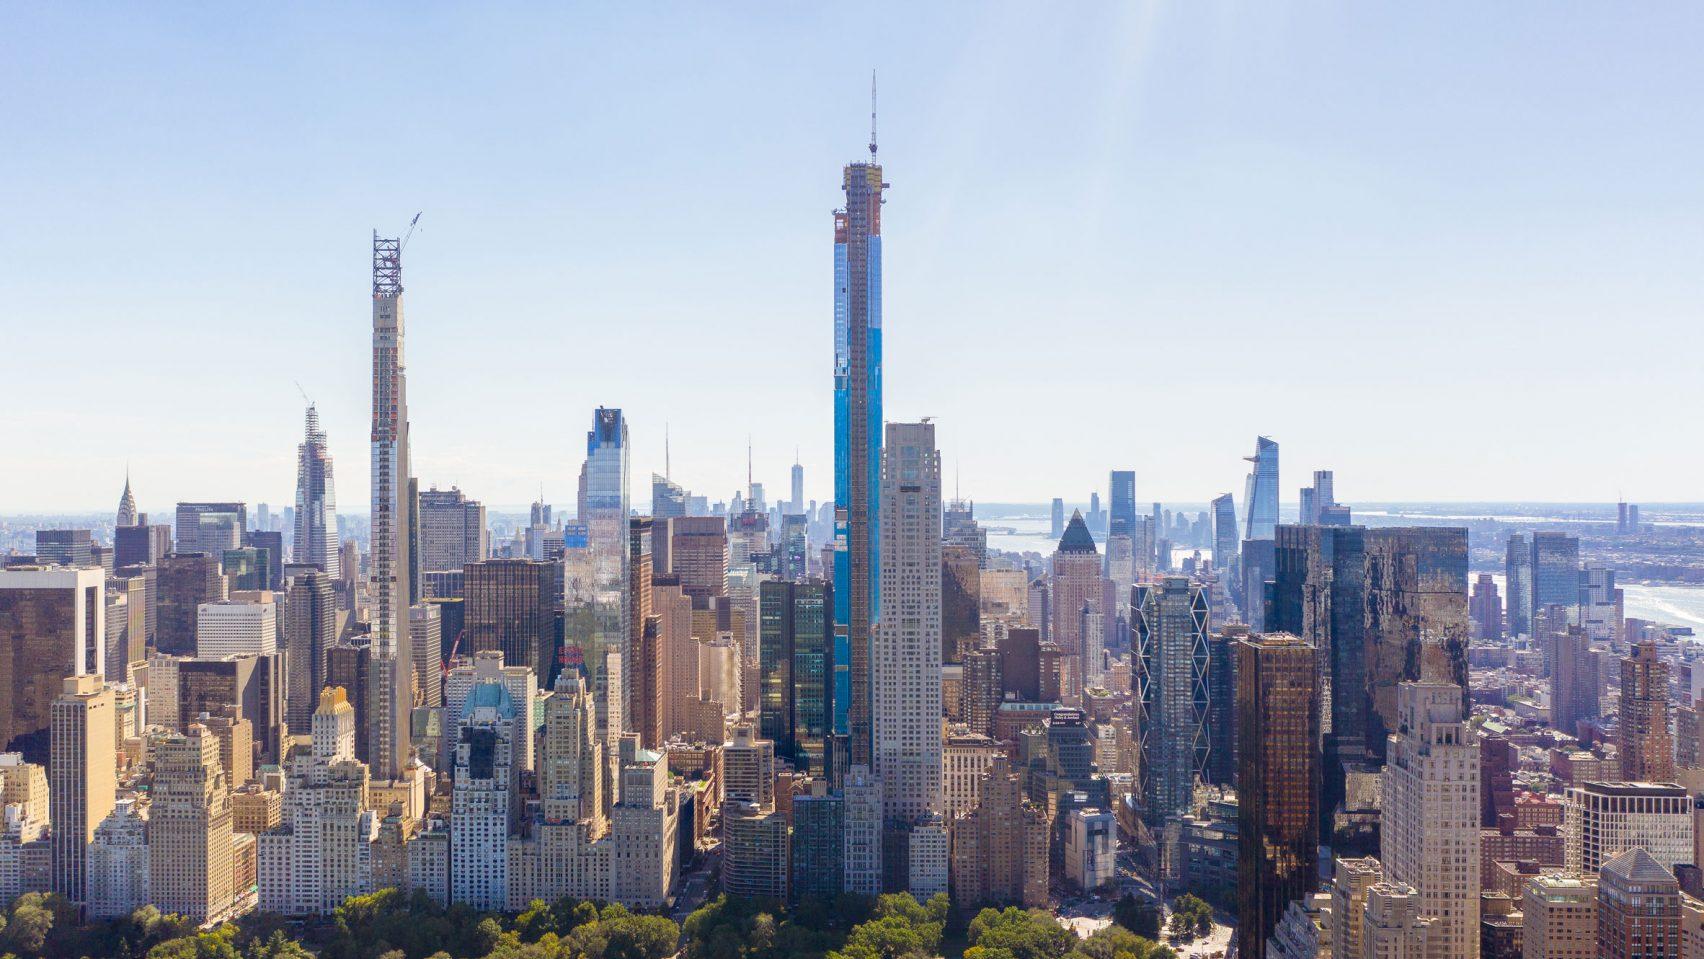 https://static.dezeen.com/uploads/2019/09/central-park-tower-tops-out-dezeen-sq-1704x959.jpg